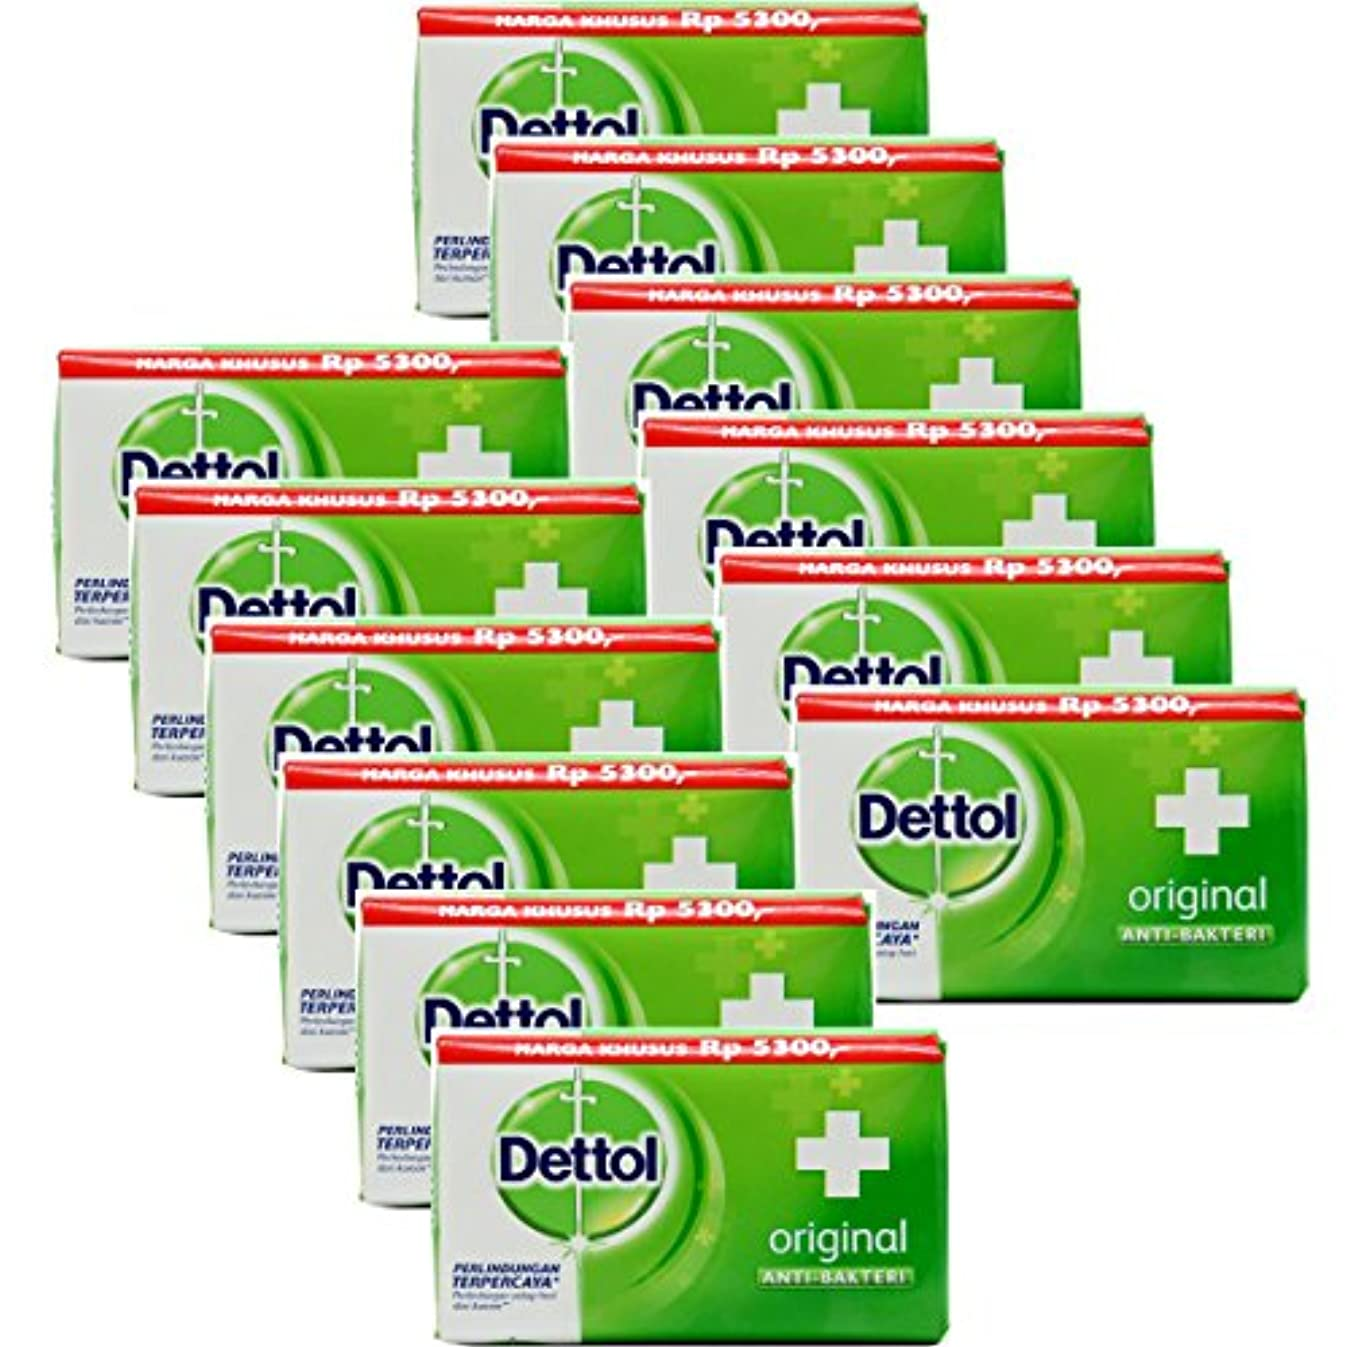 コンベンション問題ロードブロッキングDettol(デトール) Anti-Bacterial Hand and Body Bar Soap, Original, 110 Gr / 3.88 Oz (12個セット)